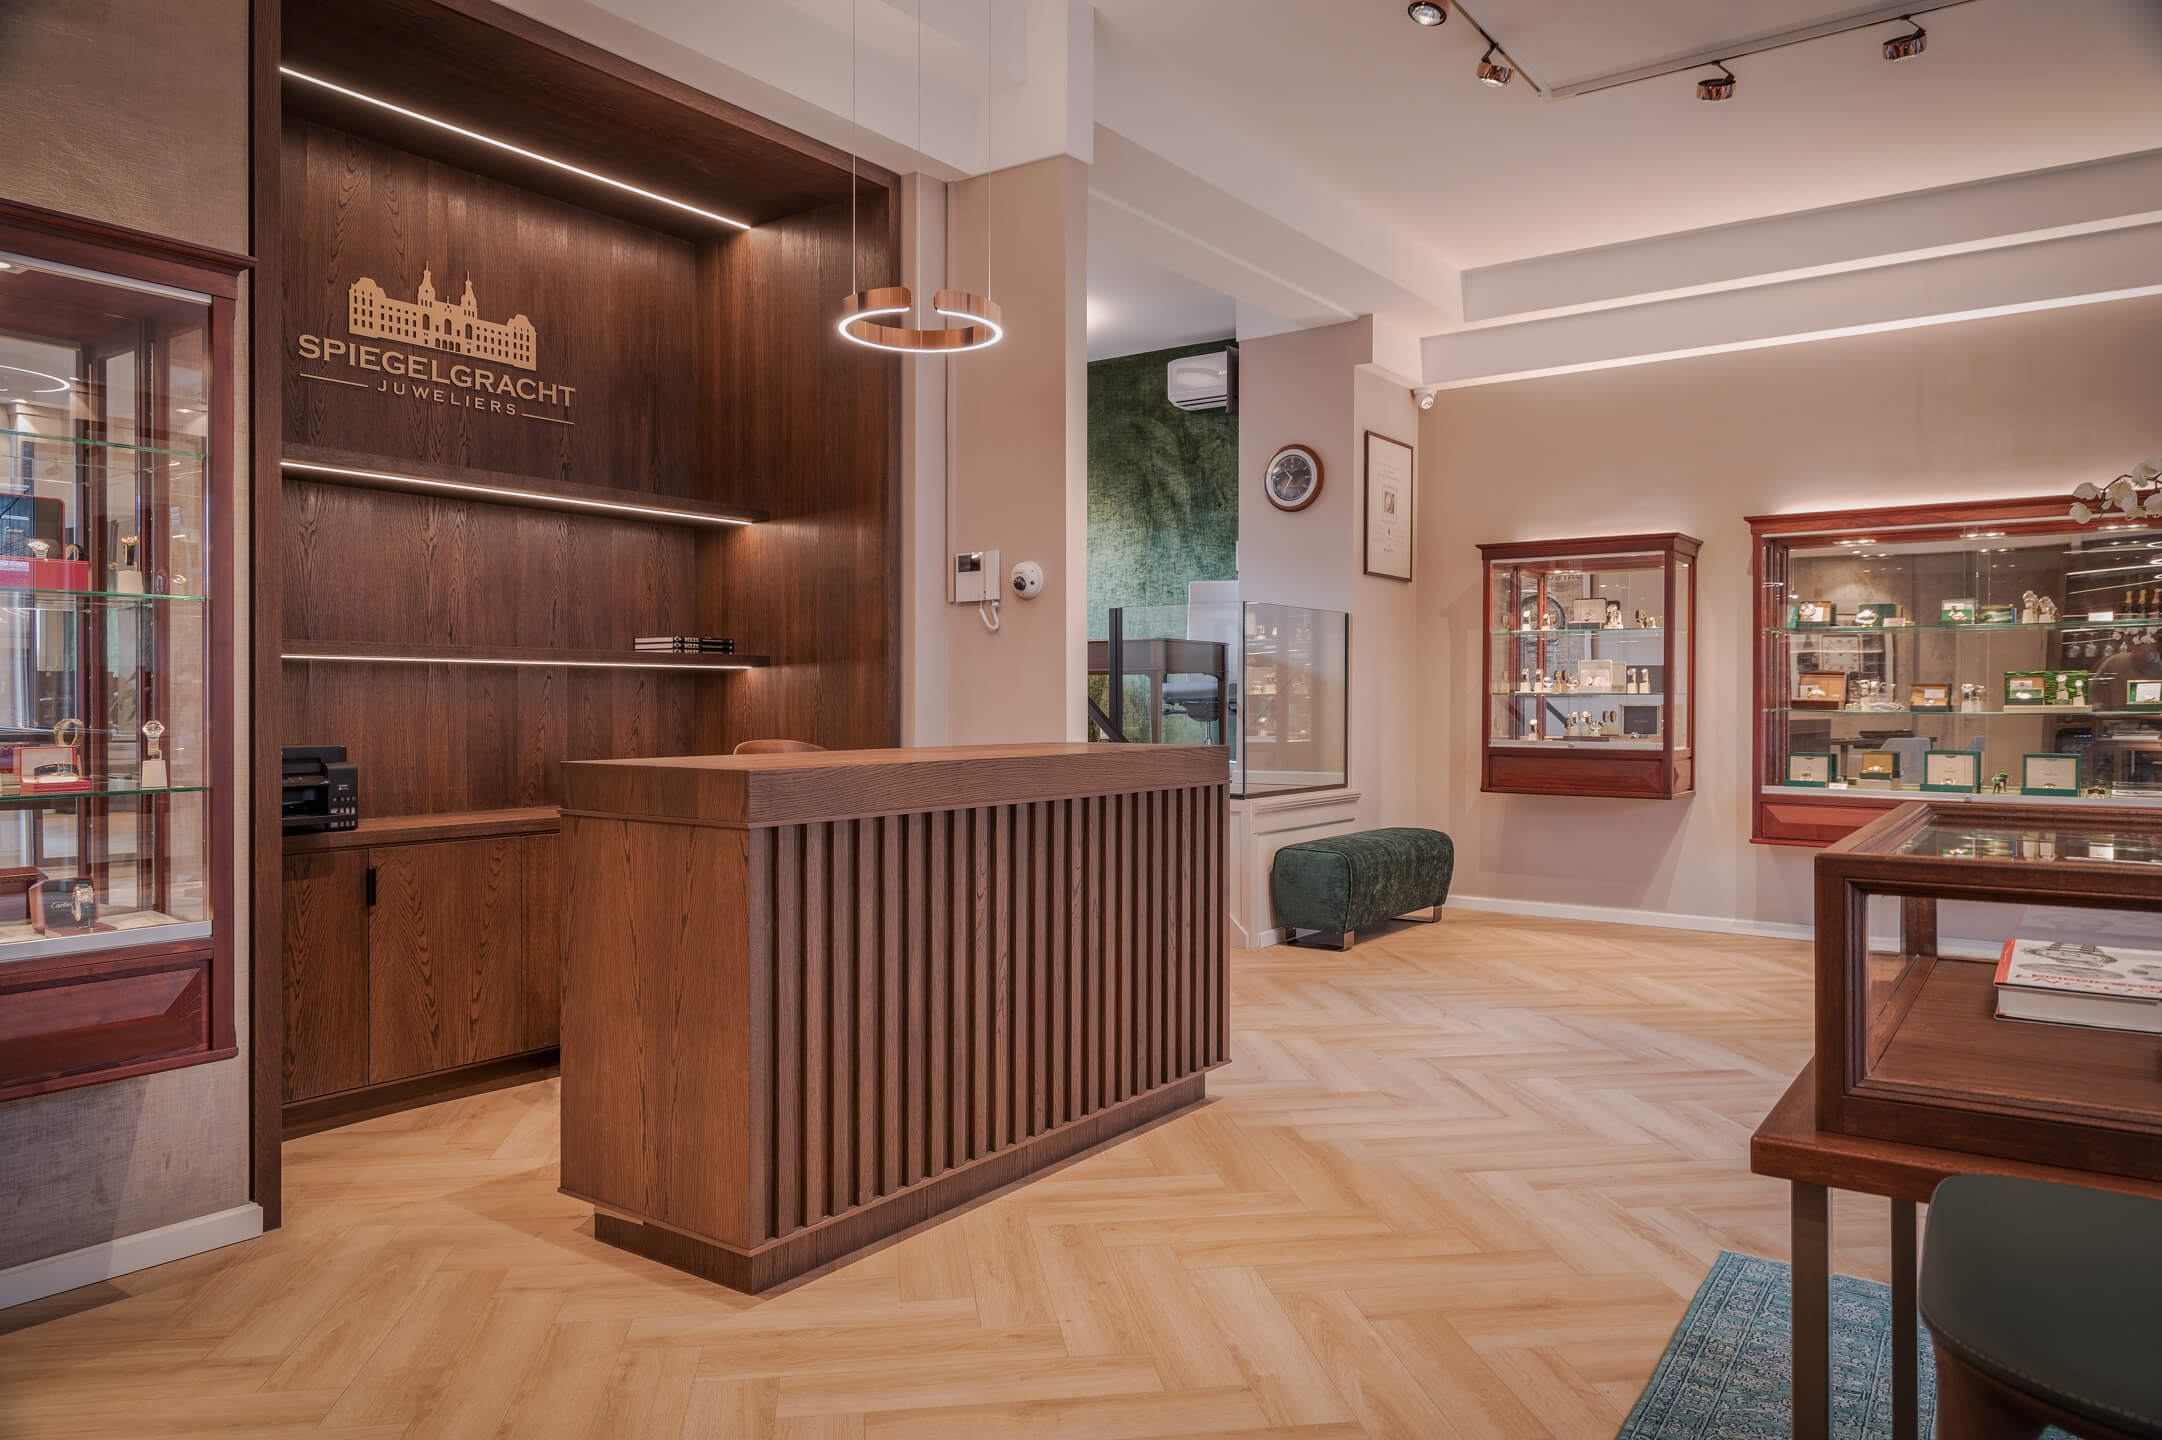 Spiegelgracht Juweliers Amsterdam